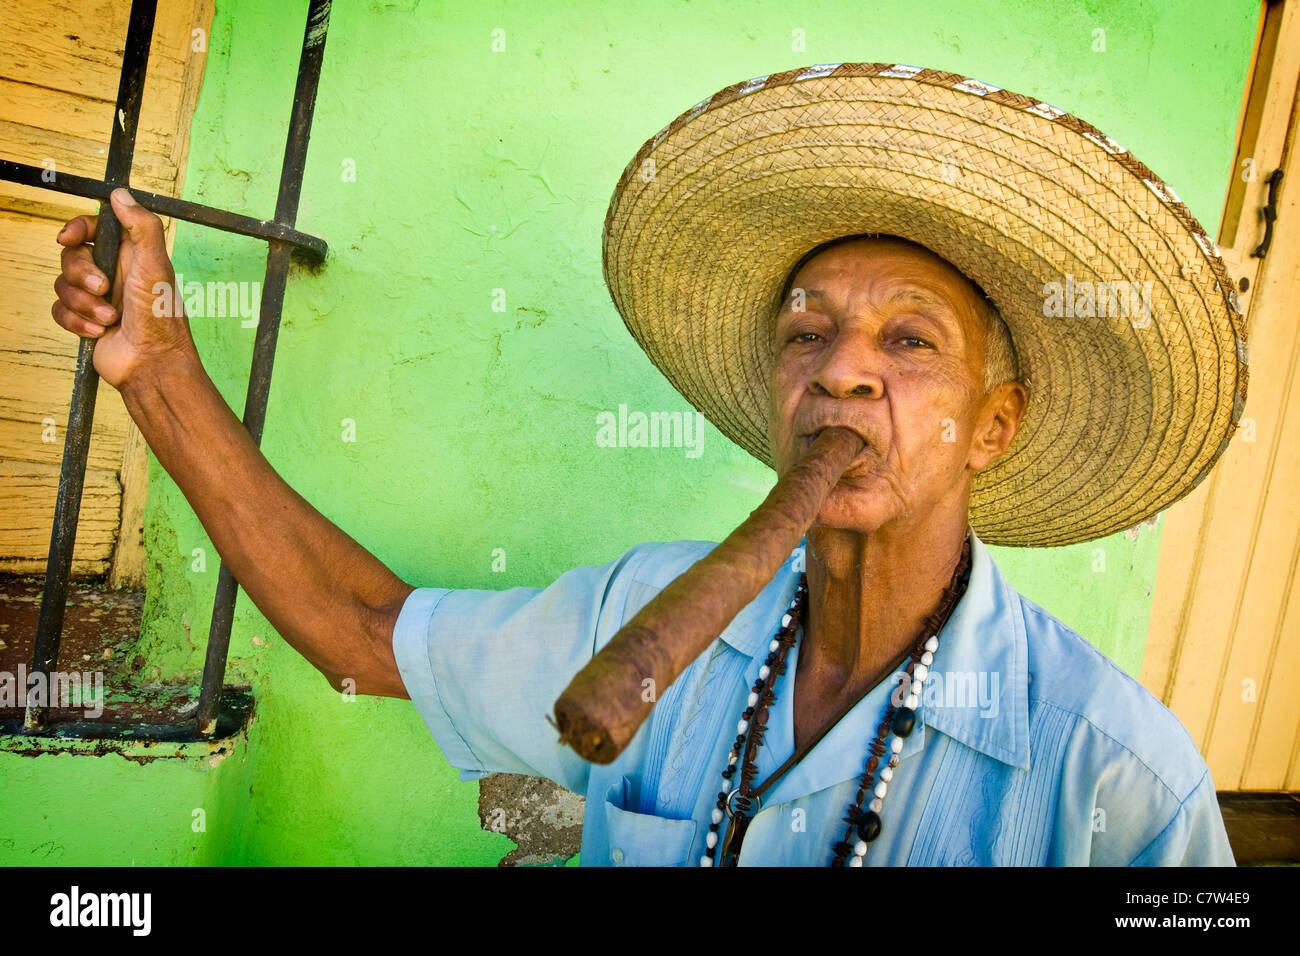 Cuba, Camaguey, man smoking cigar - Stock Image